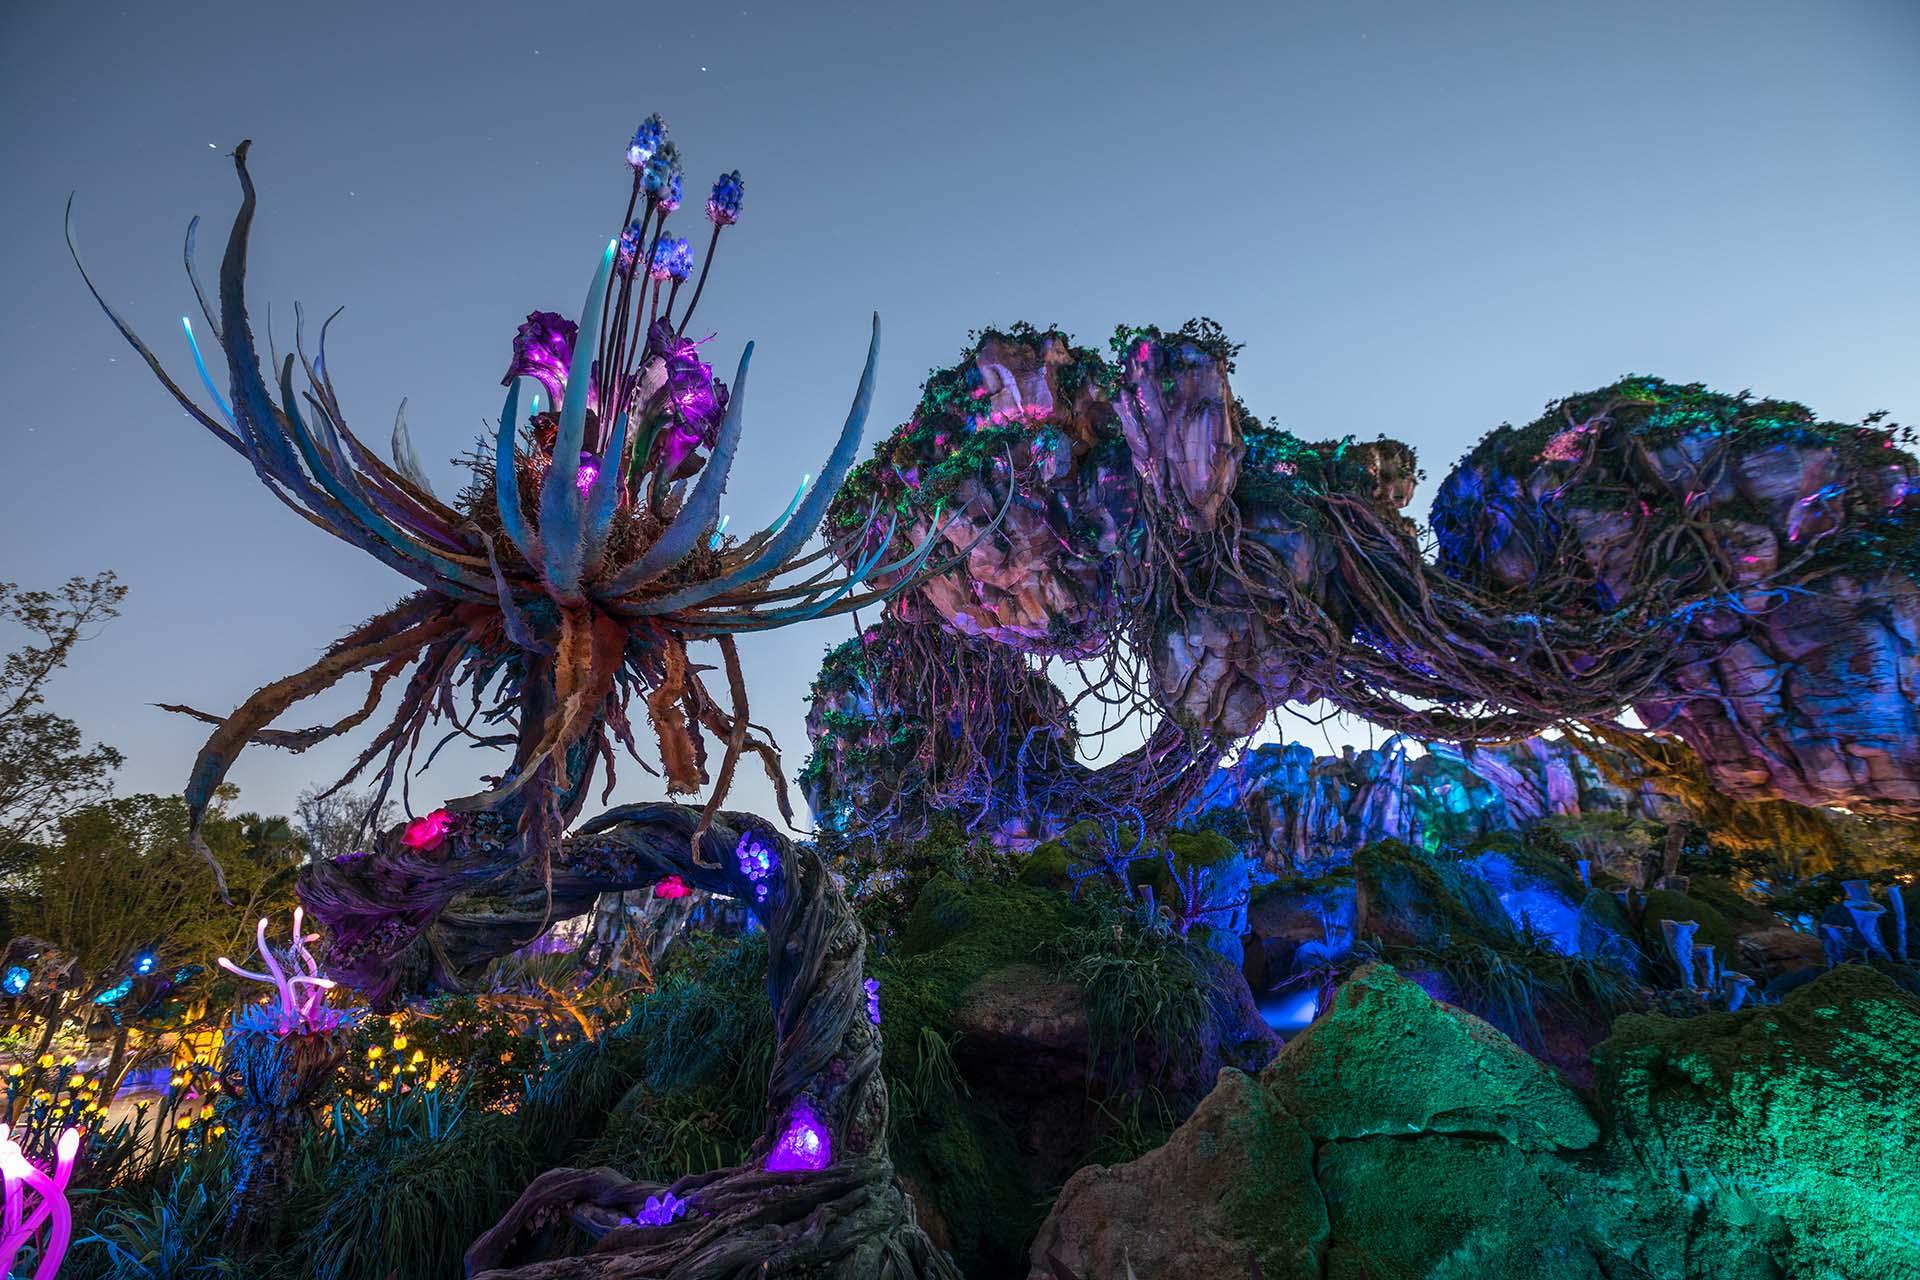 Cenário fantástico do Mundo de Pandora, no Disney's Animal Kingdom